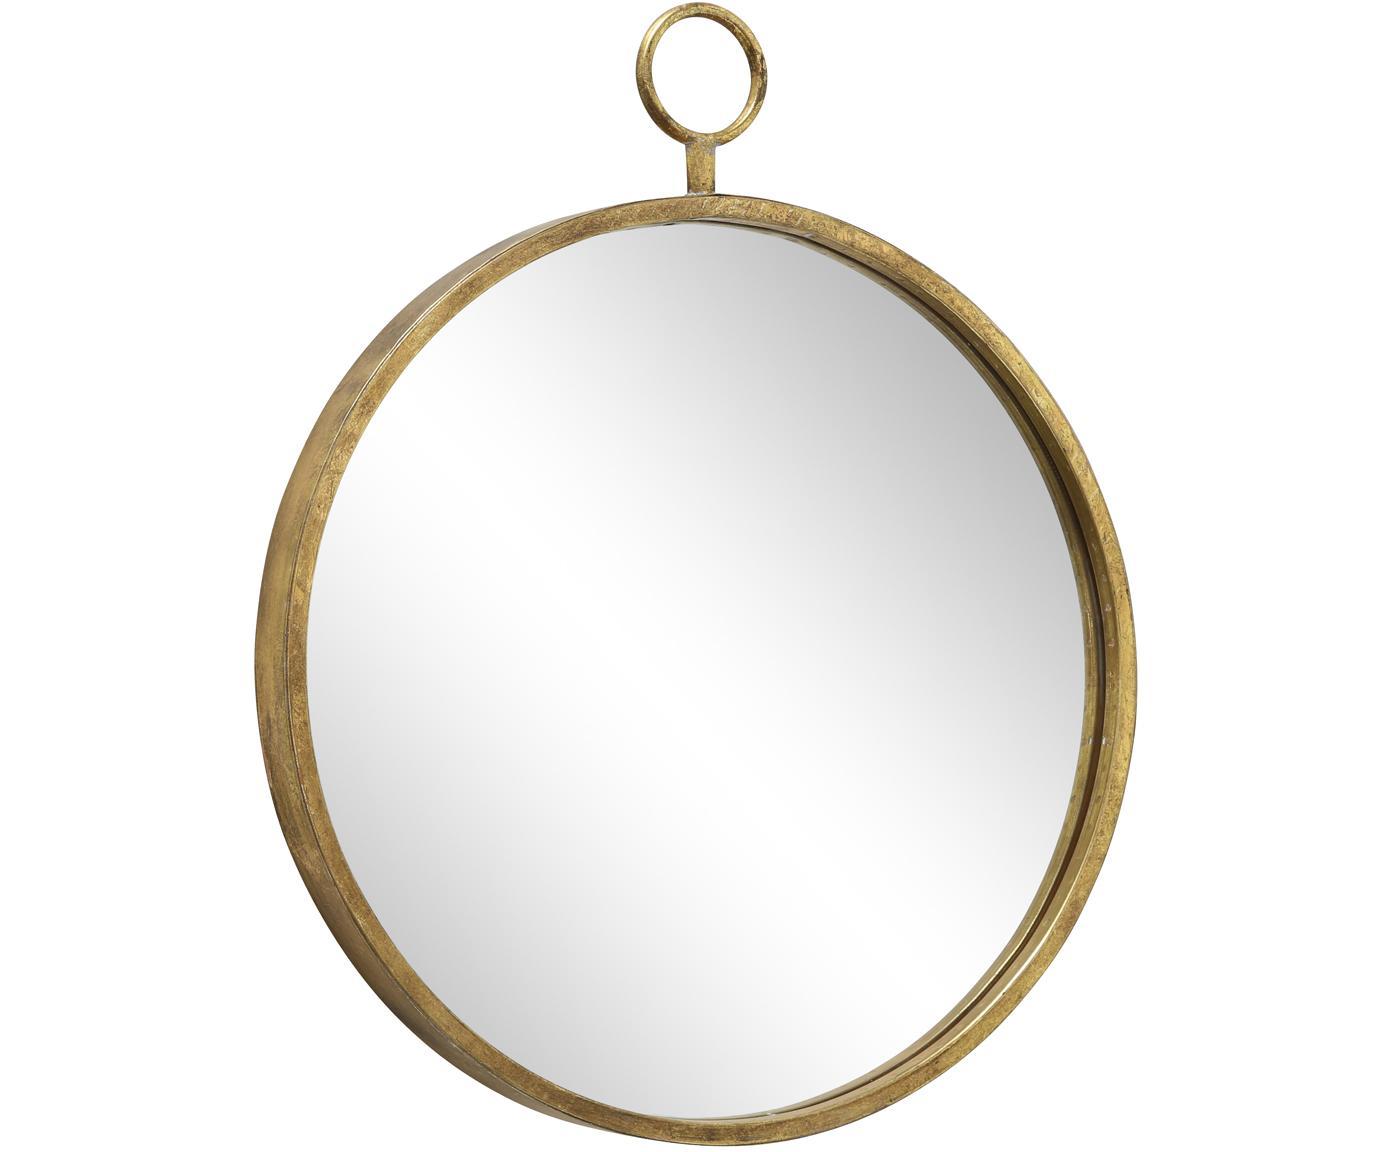 Espejo de pared redondo Prado, con marco de metal, Metal, espejo de cristal, Latón, An 55 x Al 66 cm